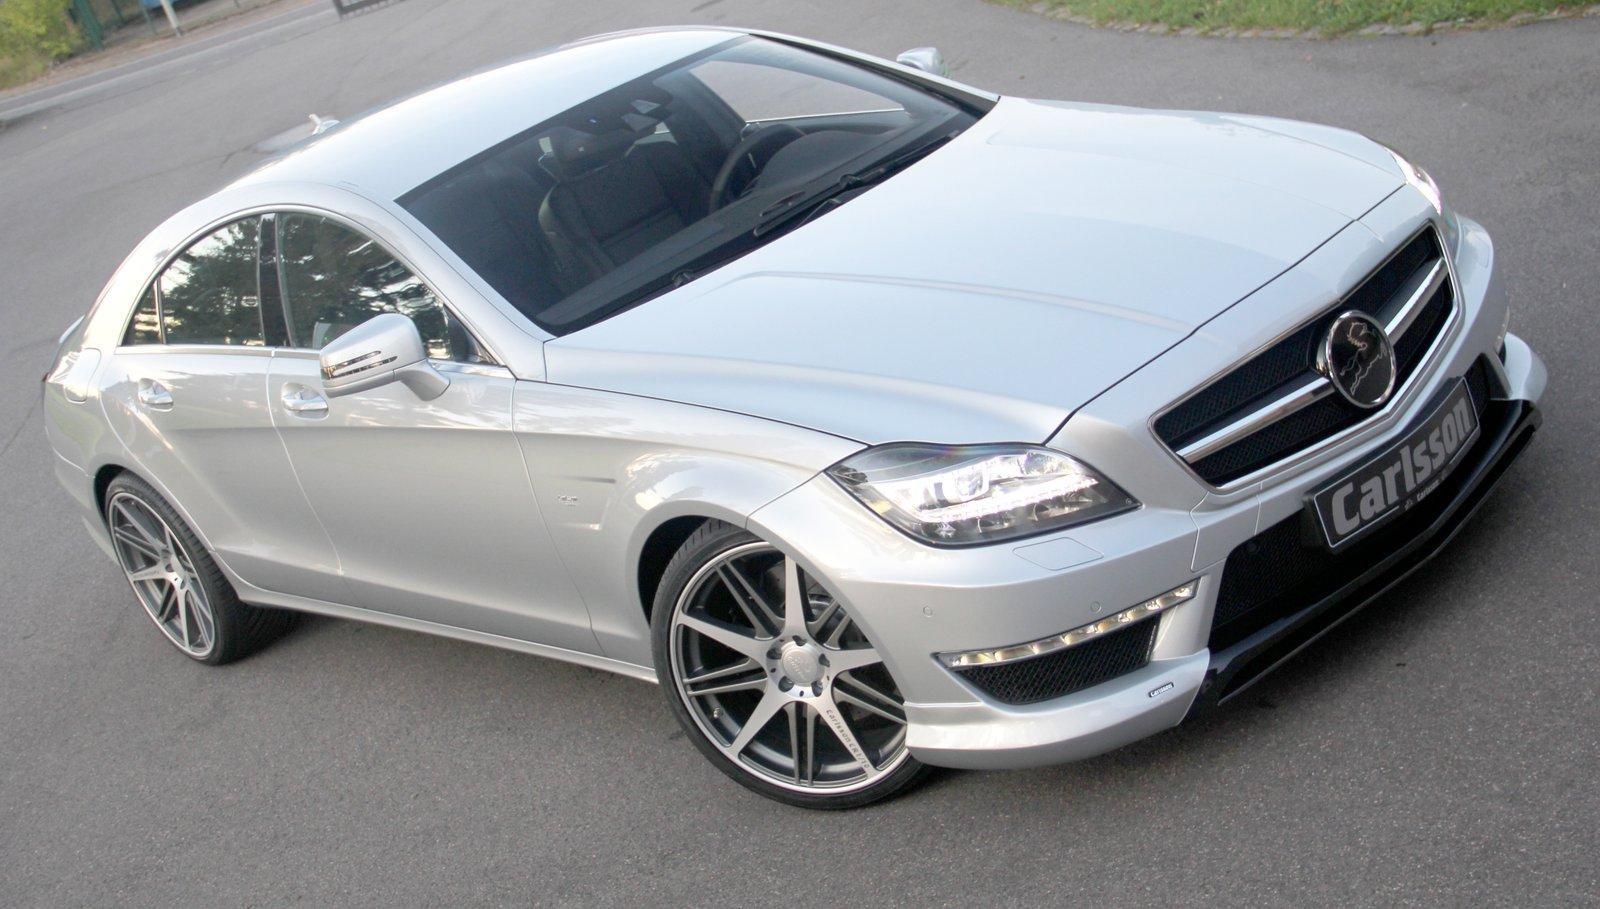 Carlsson Mercedes CLS 63 AMG